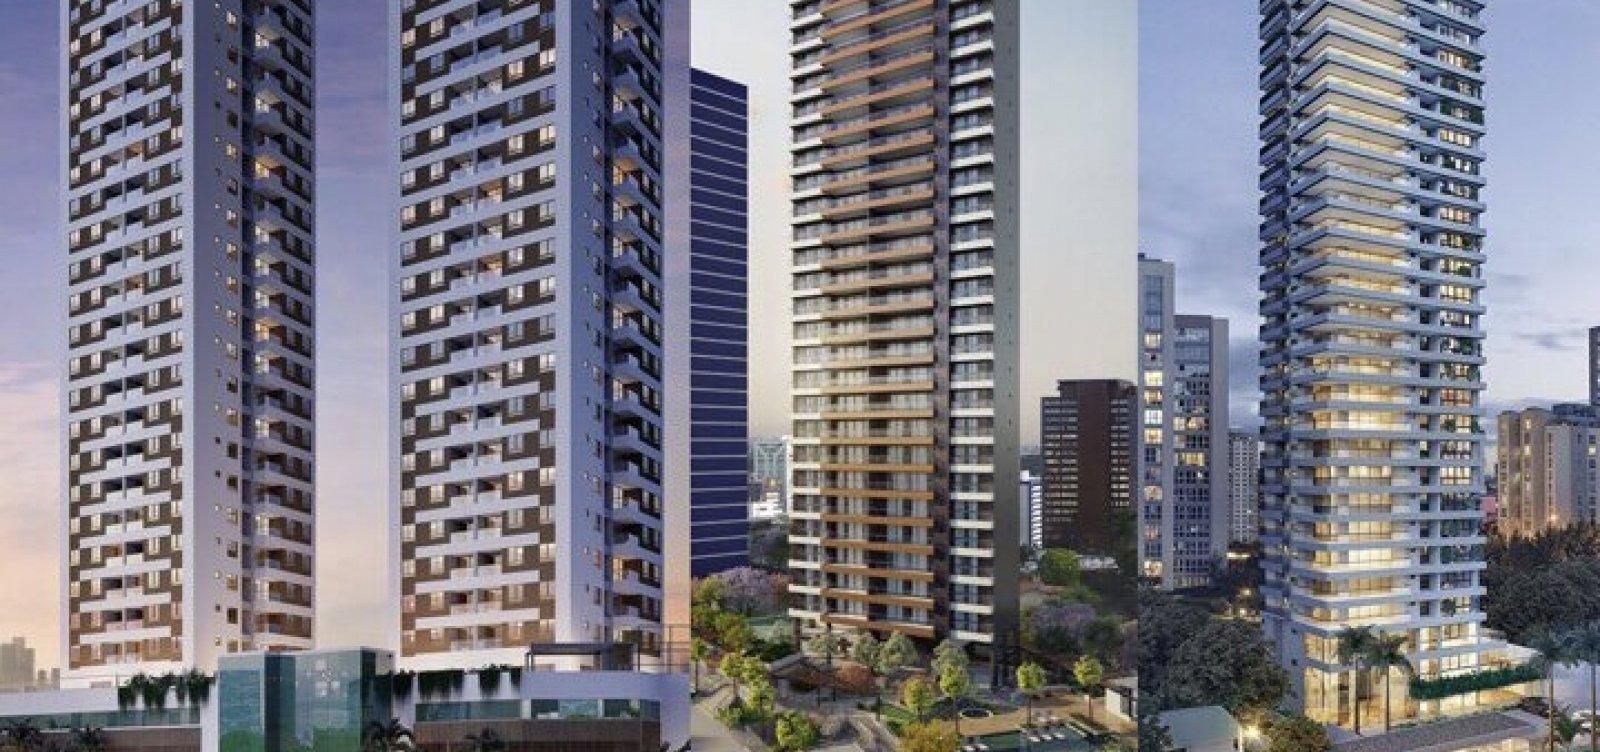 Construtora Moura Dubeux já foi expulsa da Ademi-BA por vender apartamentos sem registro de incorporação